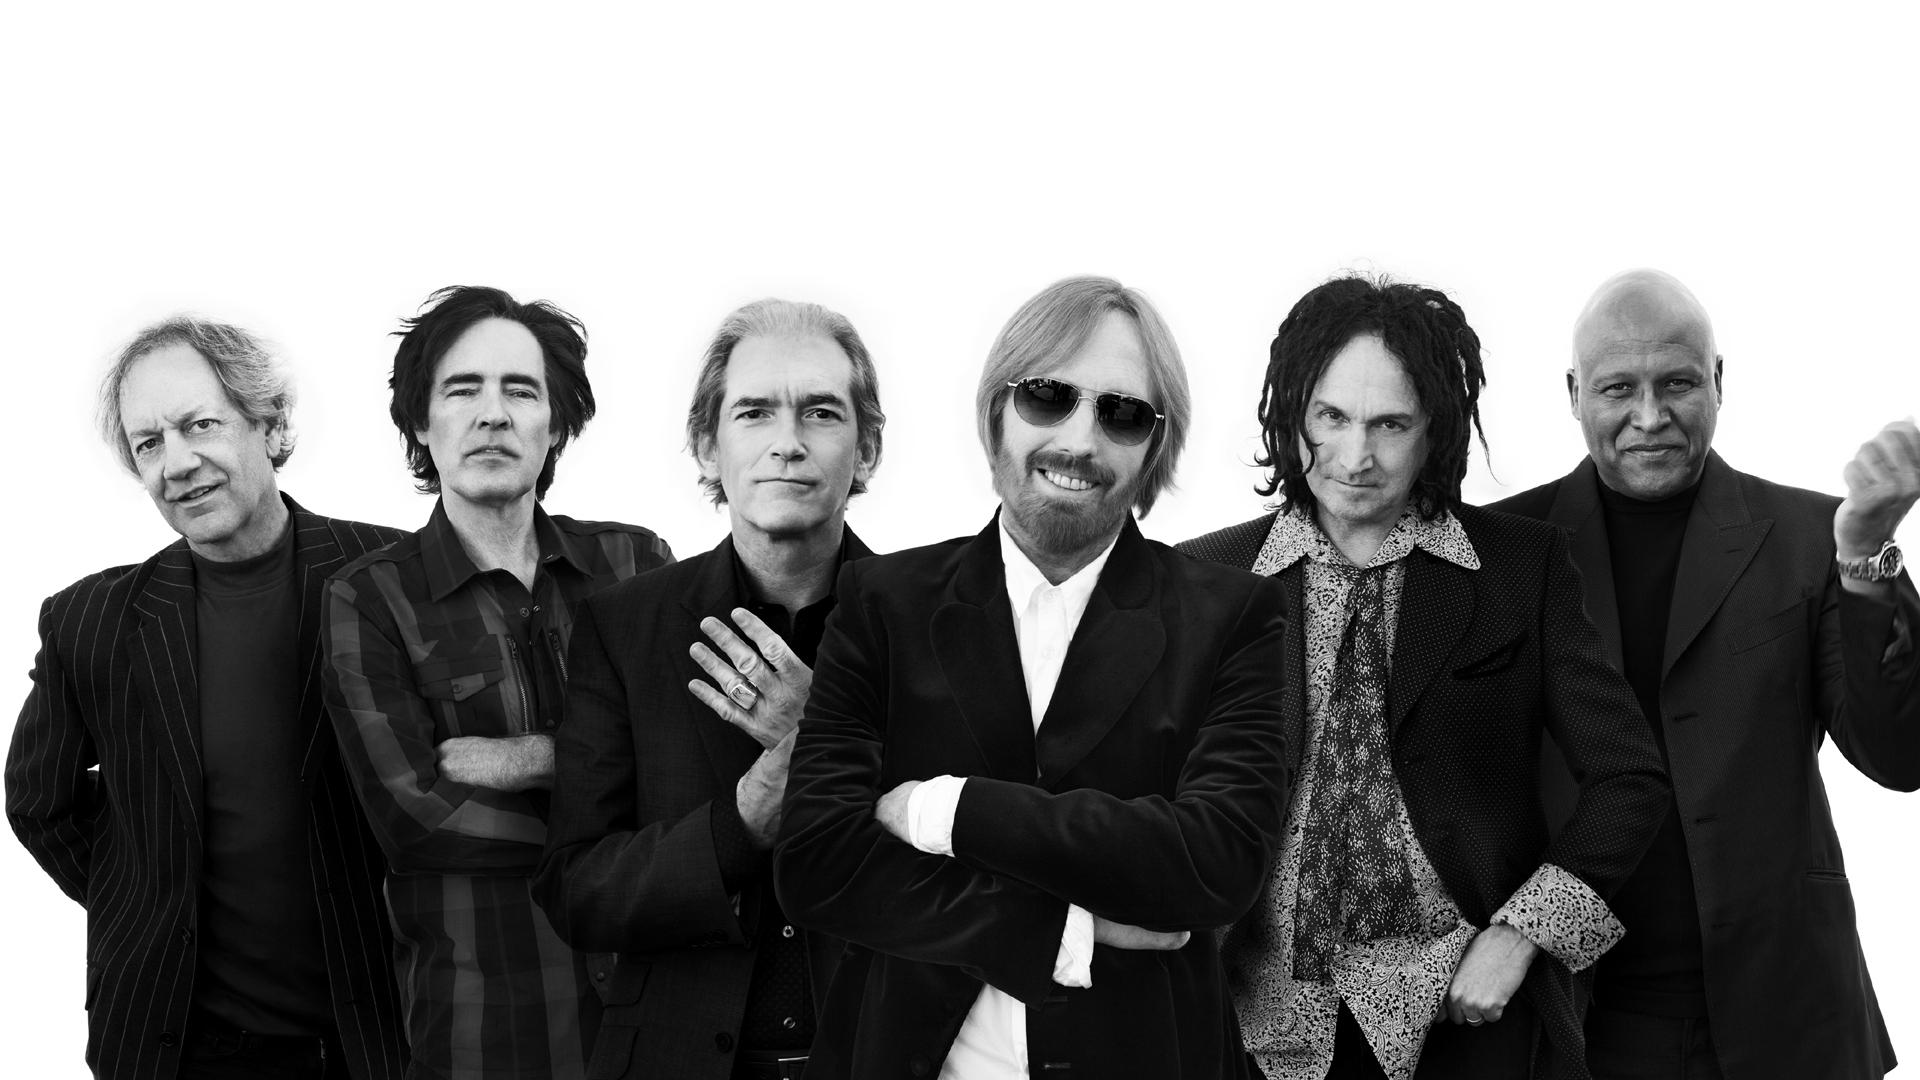 Tom Petty And The Heartbreakers Music Fanart Fanart Tv